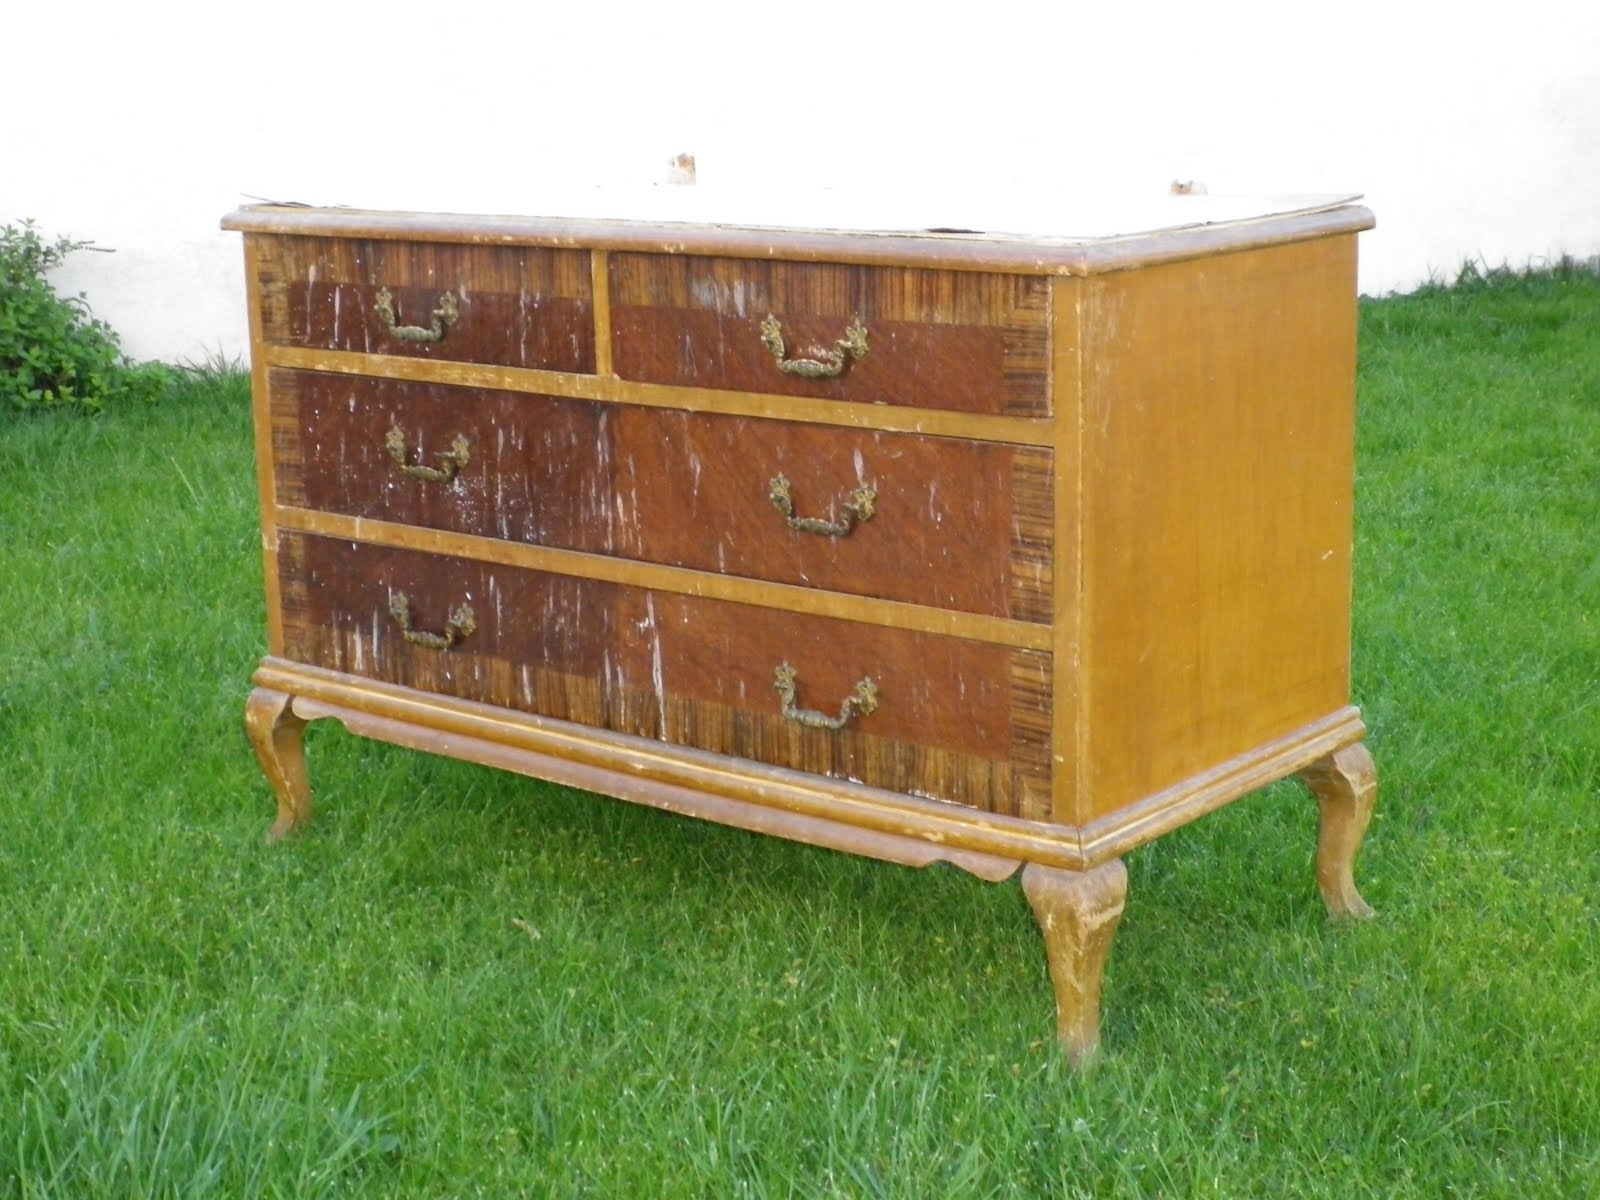 Fotos muebles restaurados antes despues - Muebles restaurados vintage ...